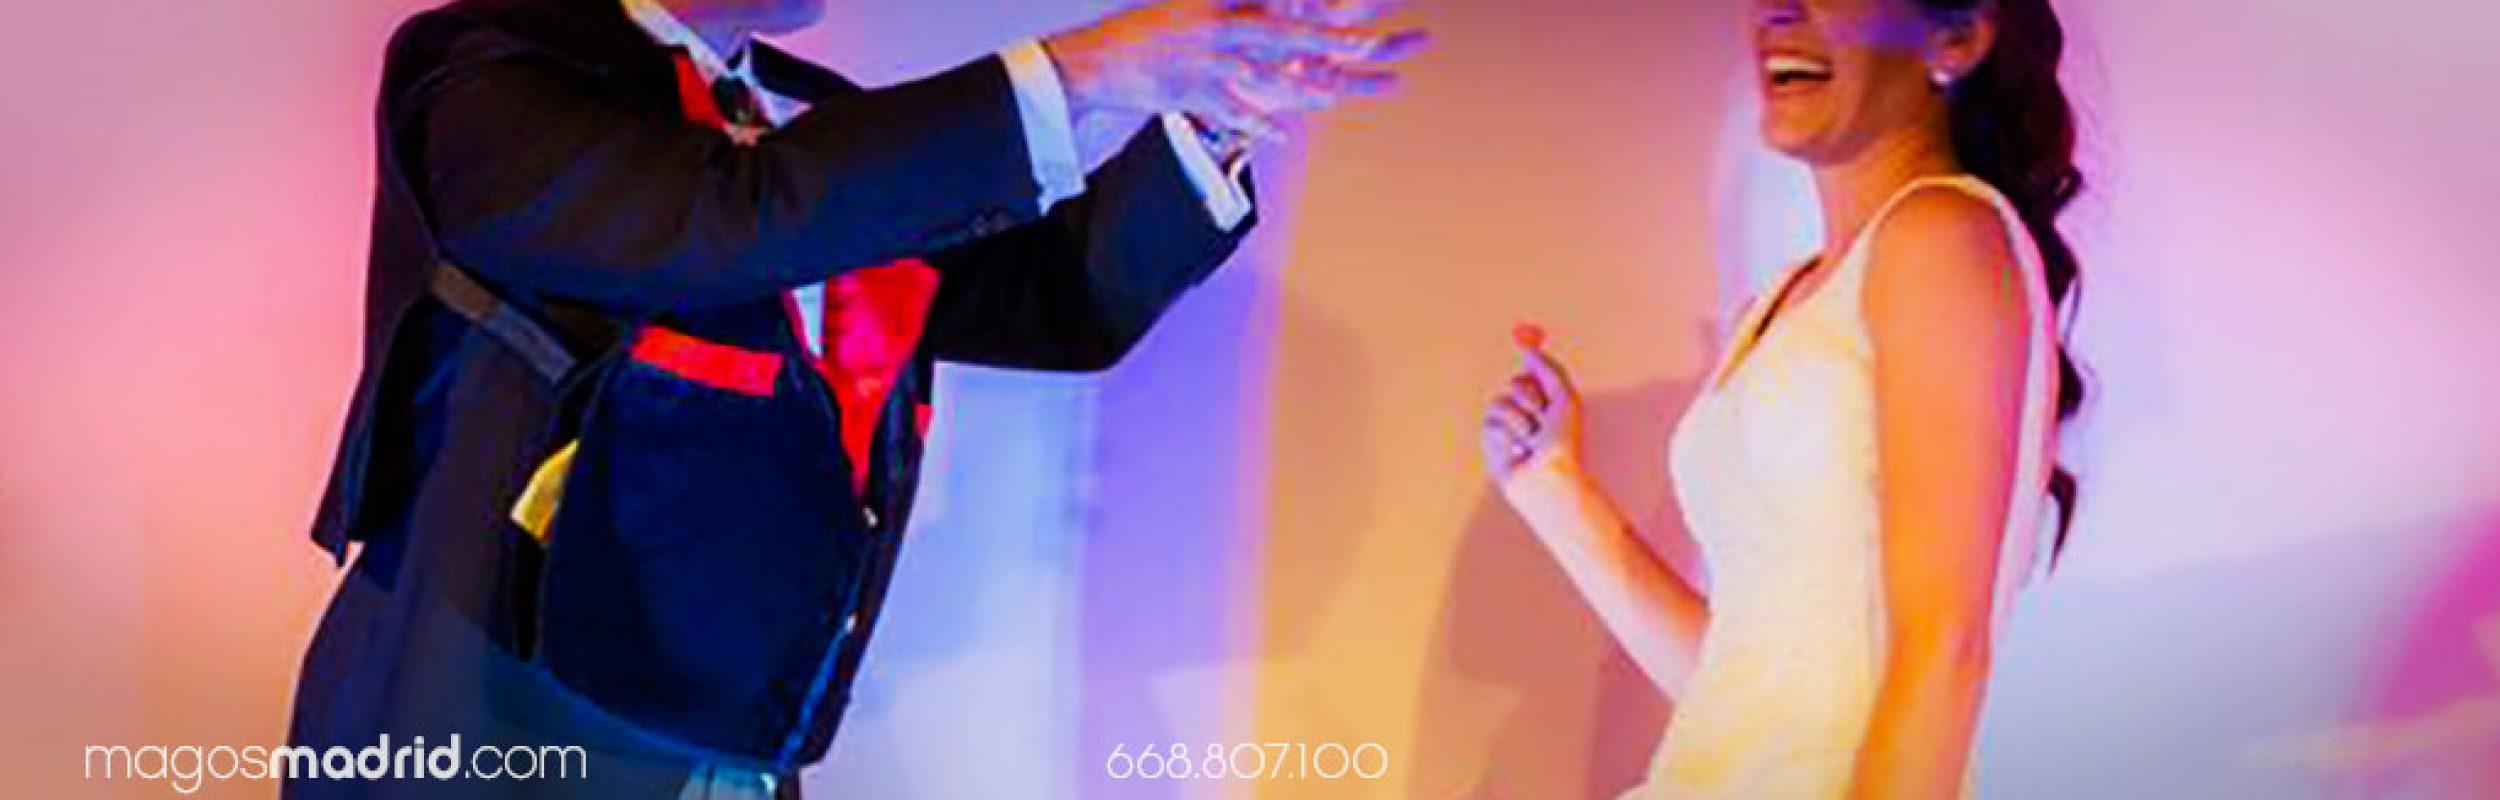 Magia para bodas